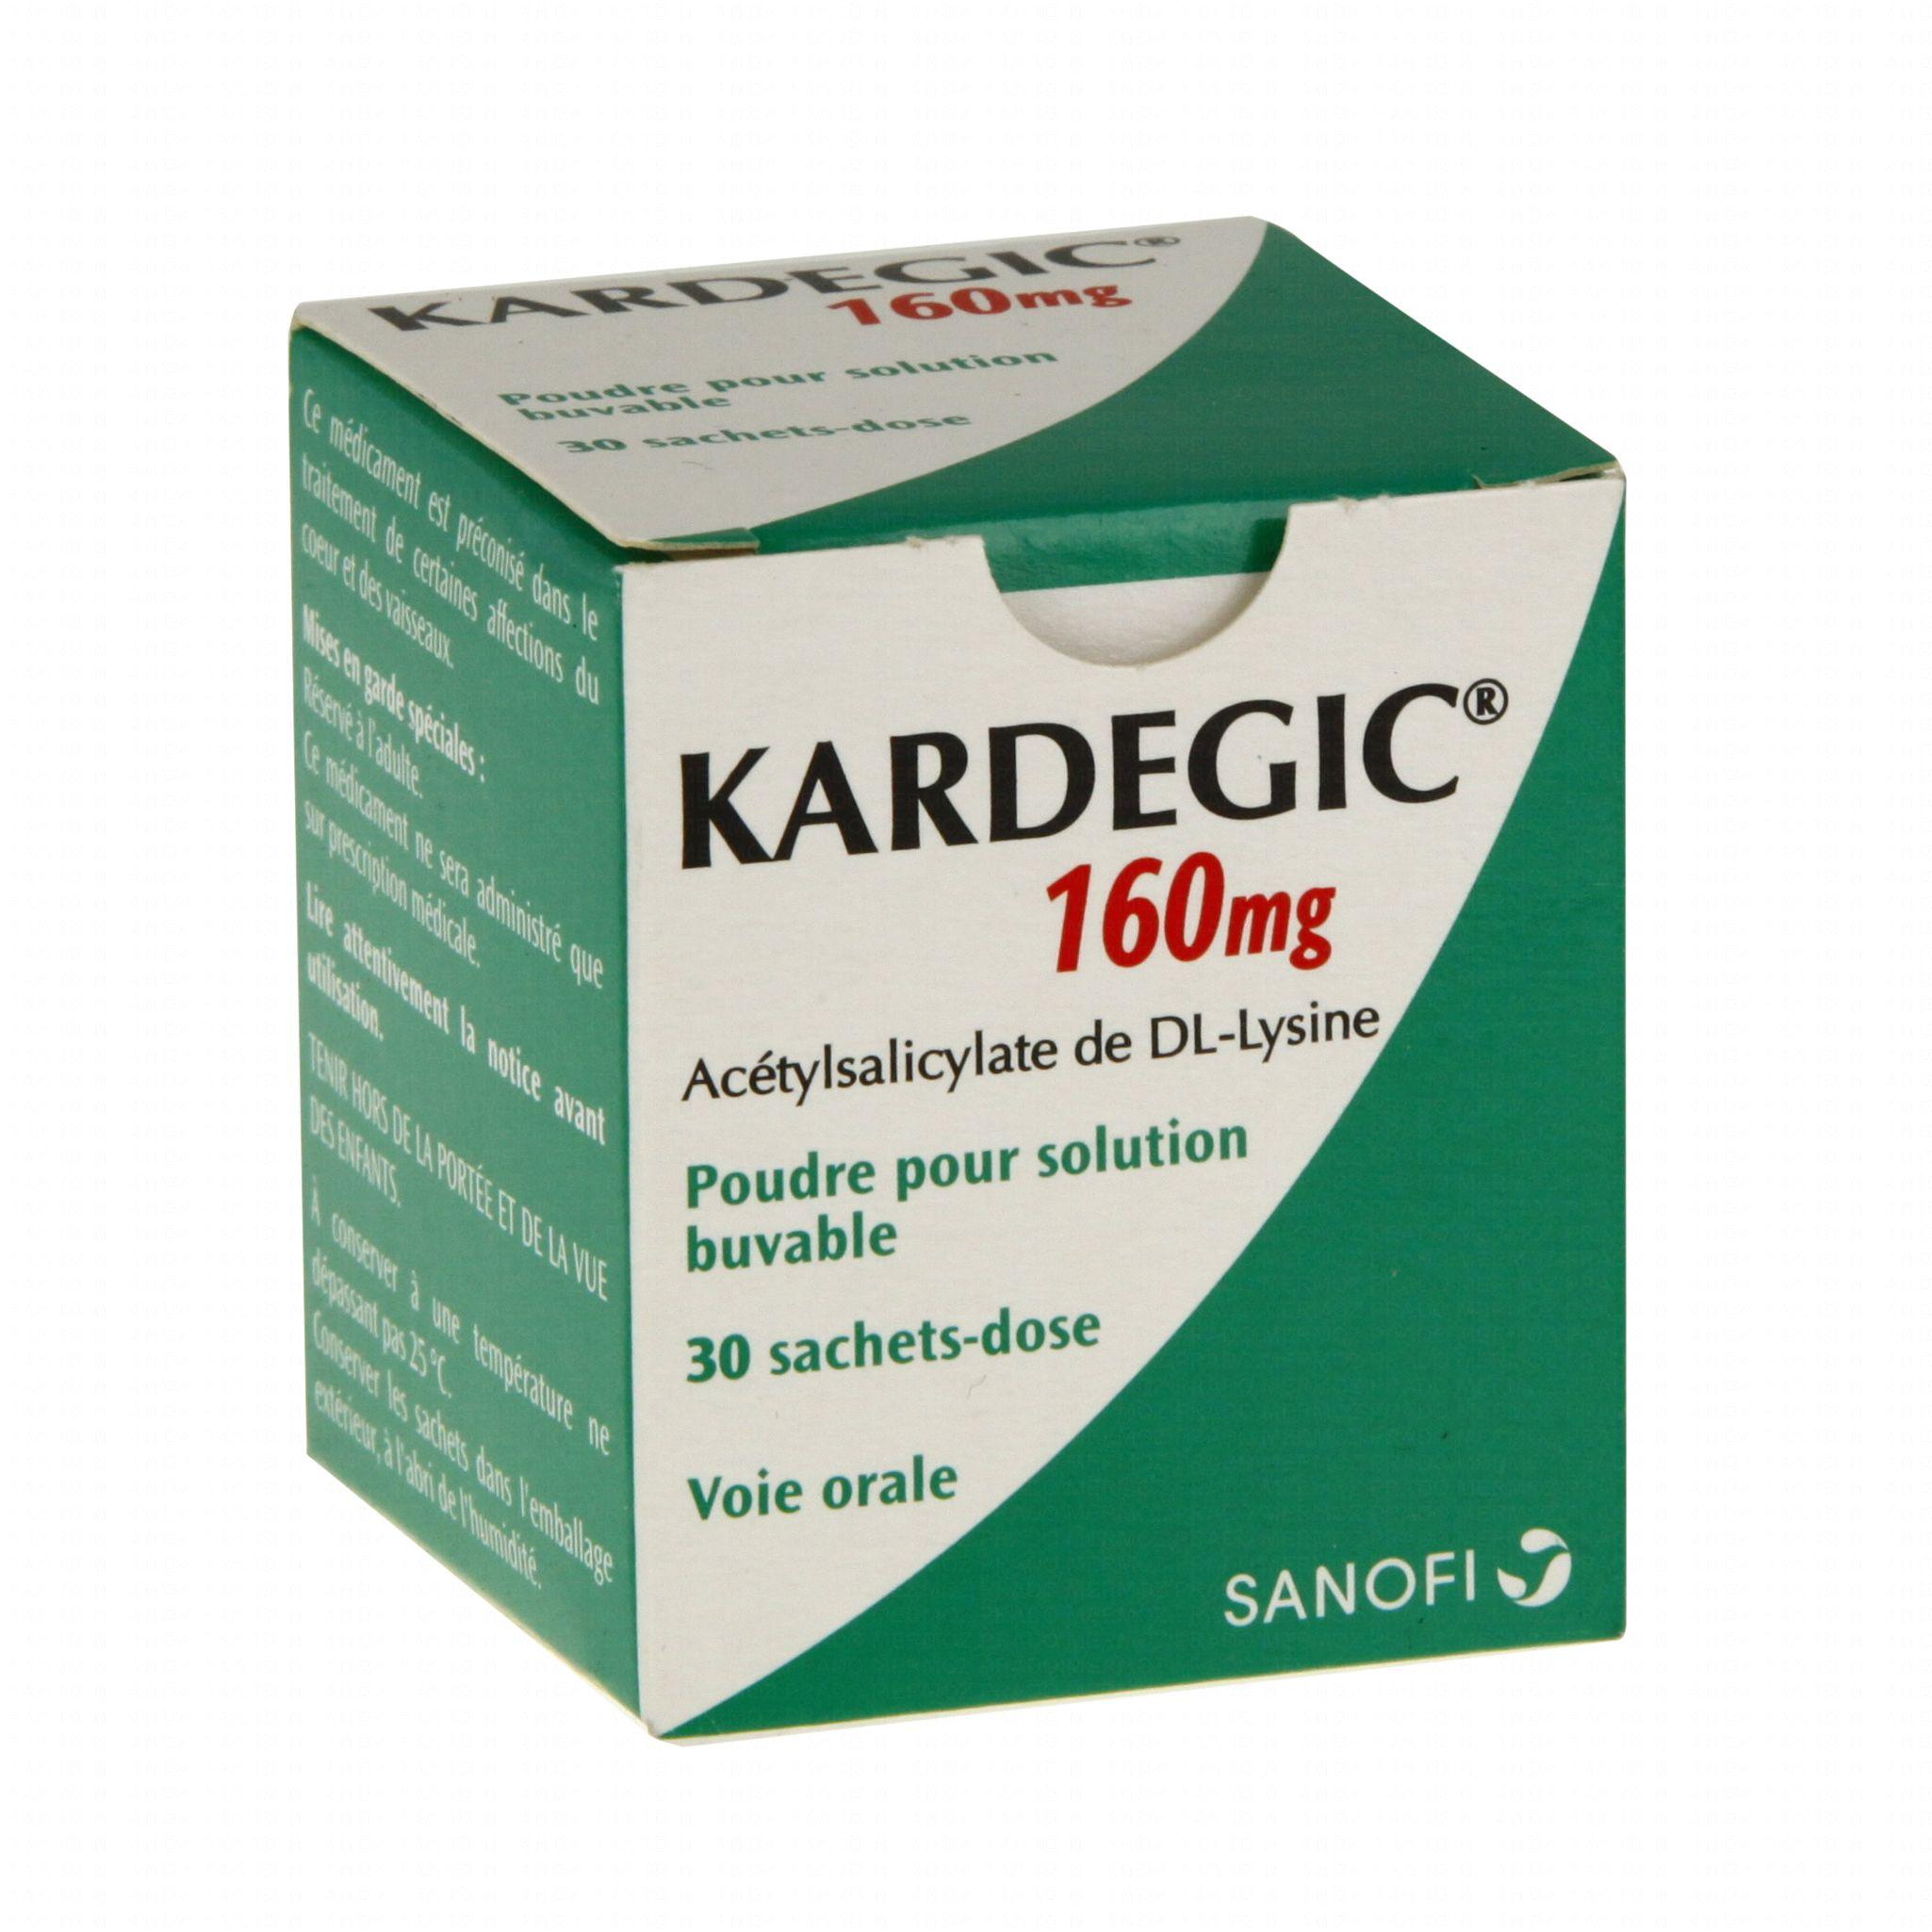 Kardegic 160 mg boîte de 30 sachets Sanofi Aventis